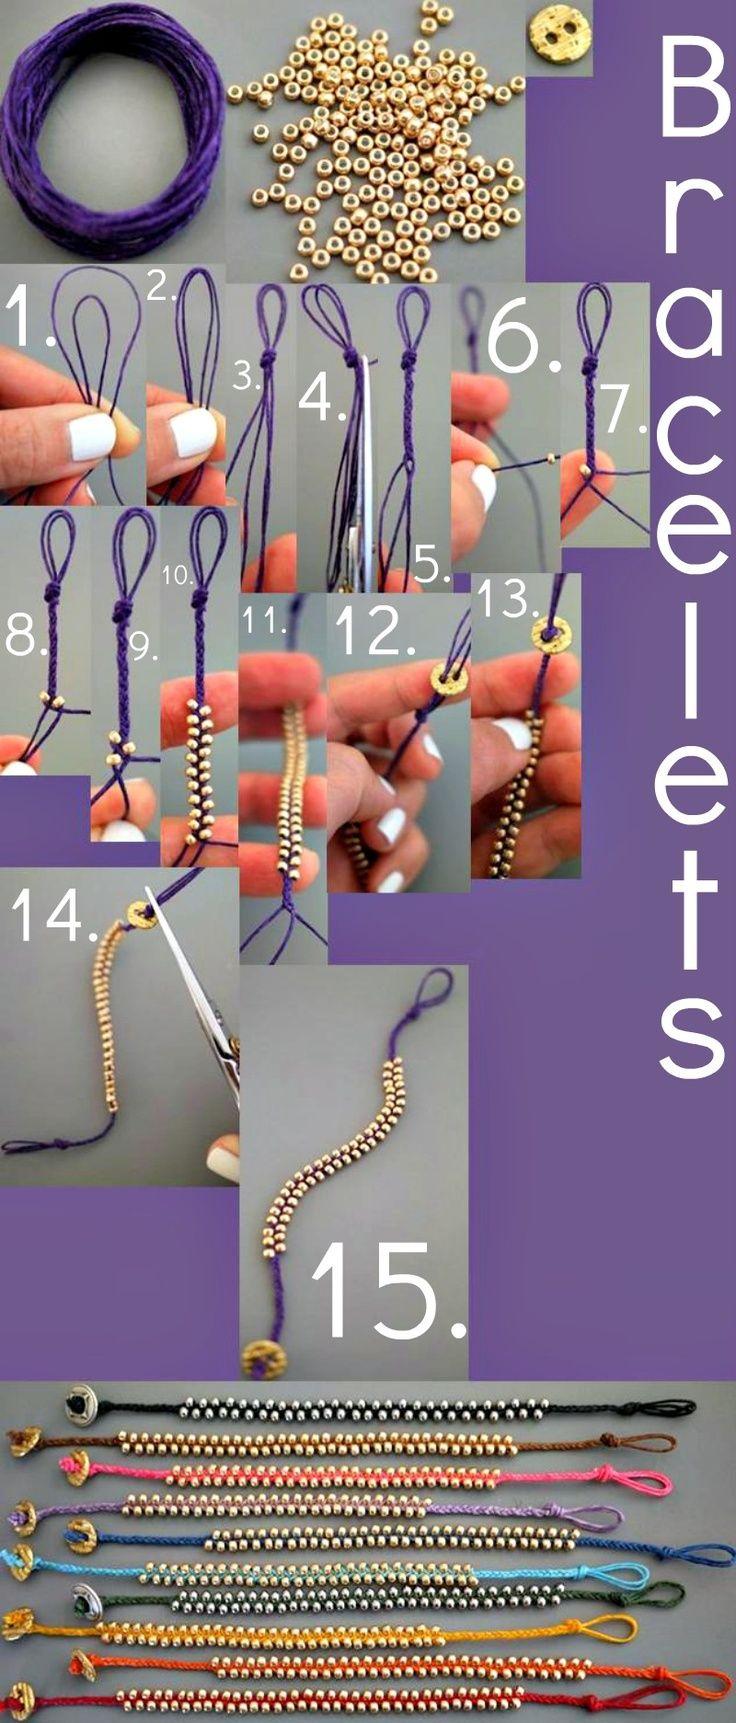 brazaletes que miçangas5